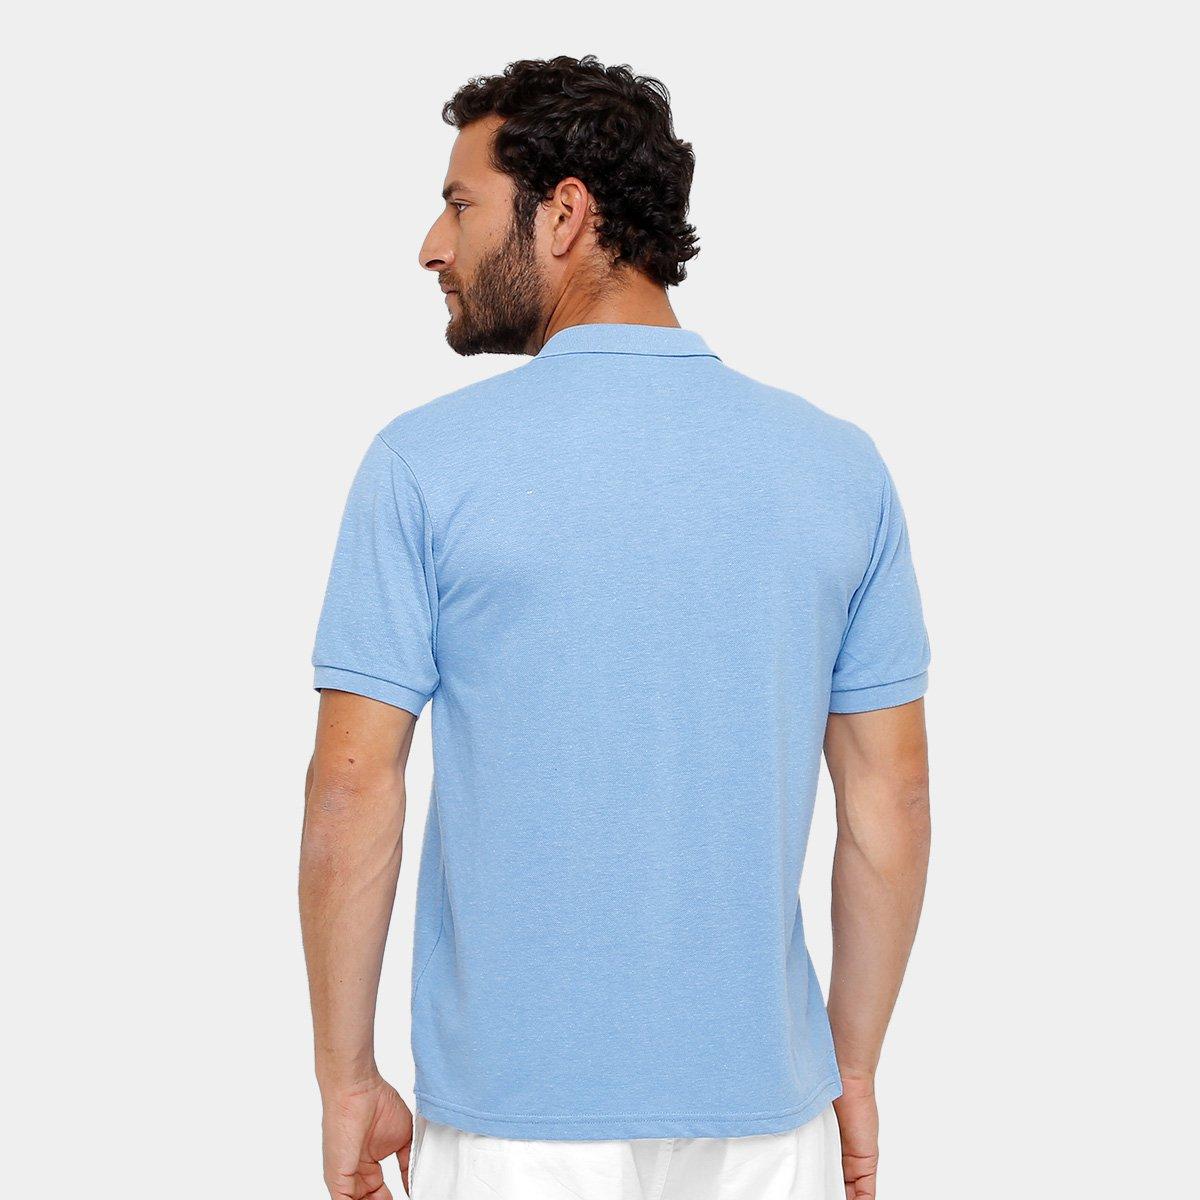 Camisa Polo Broken Rules Piquet Masculina - Compre Agora  4519677574f98